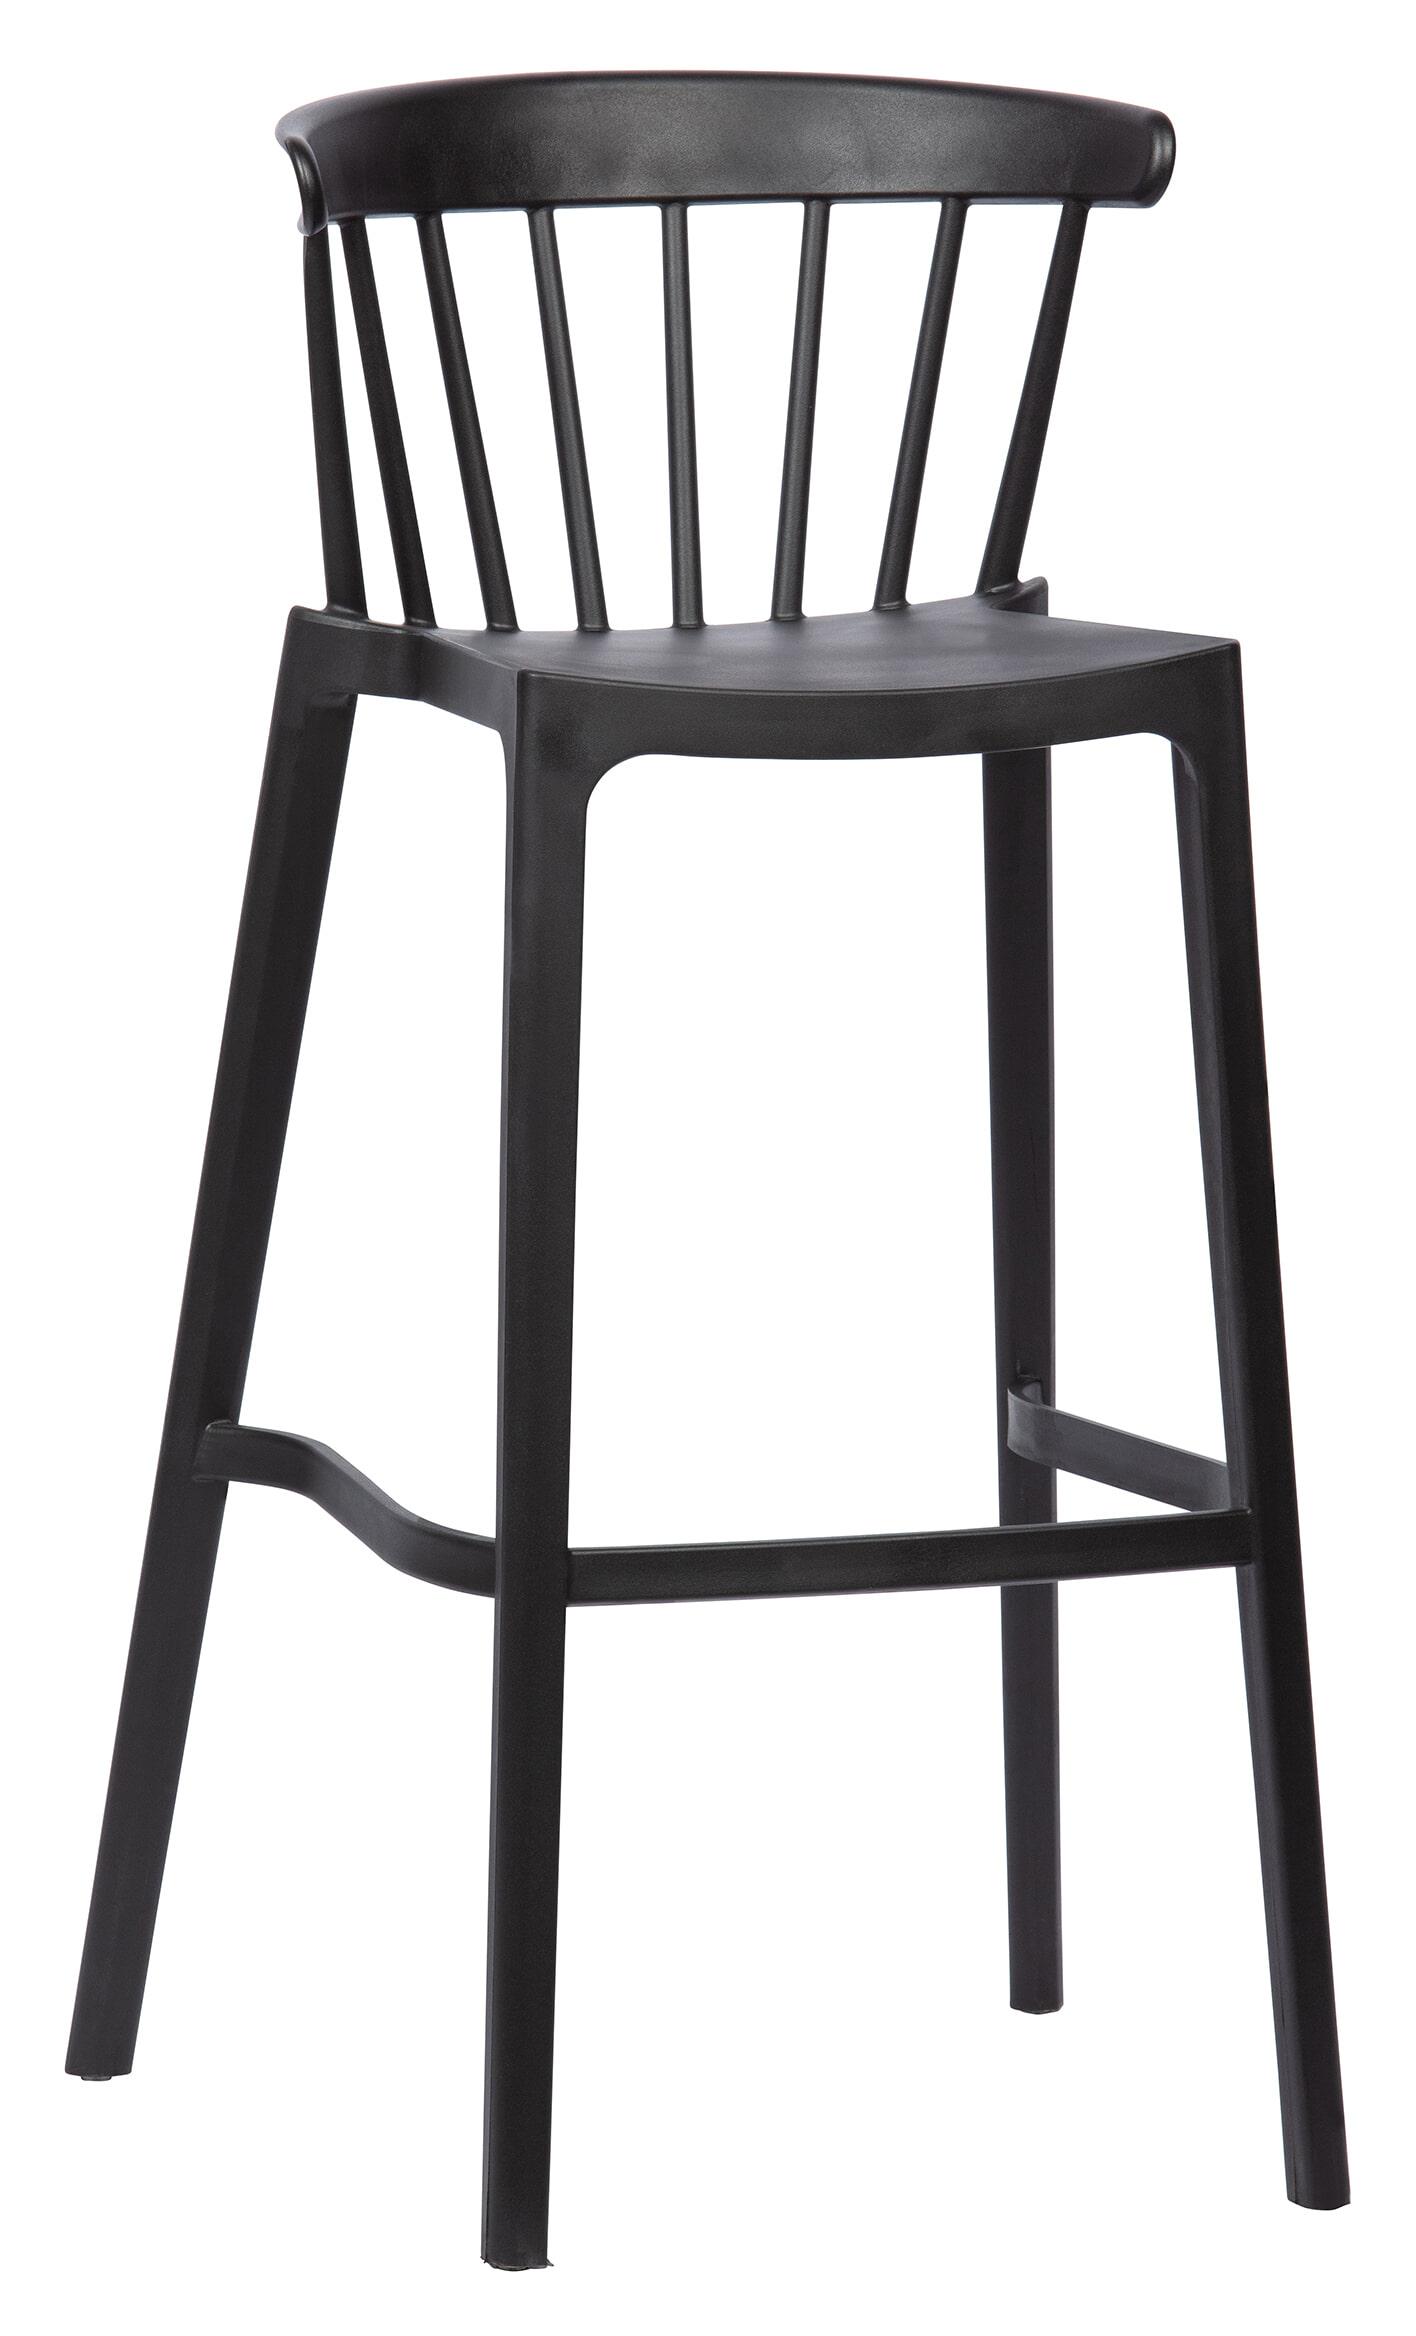 WOOOD Barkruk 'Bliss' kleur Zwart (zithoogte 77cm)